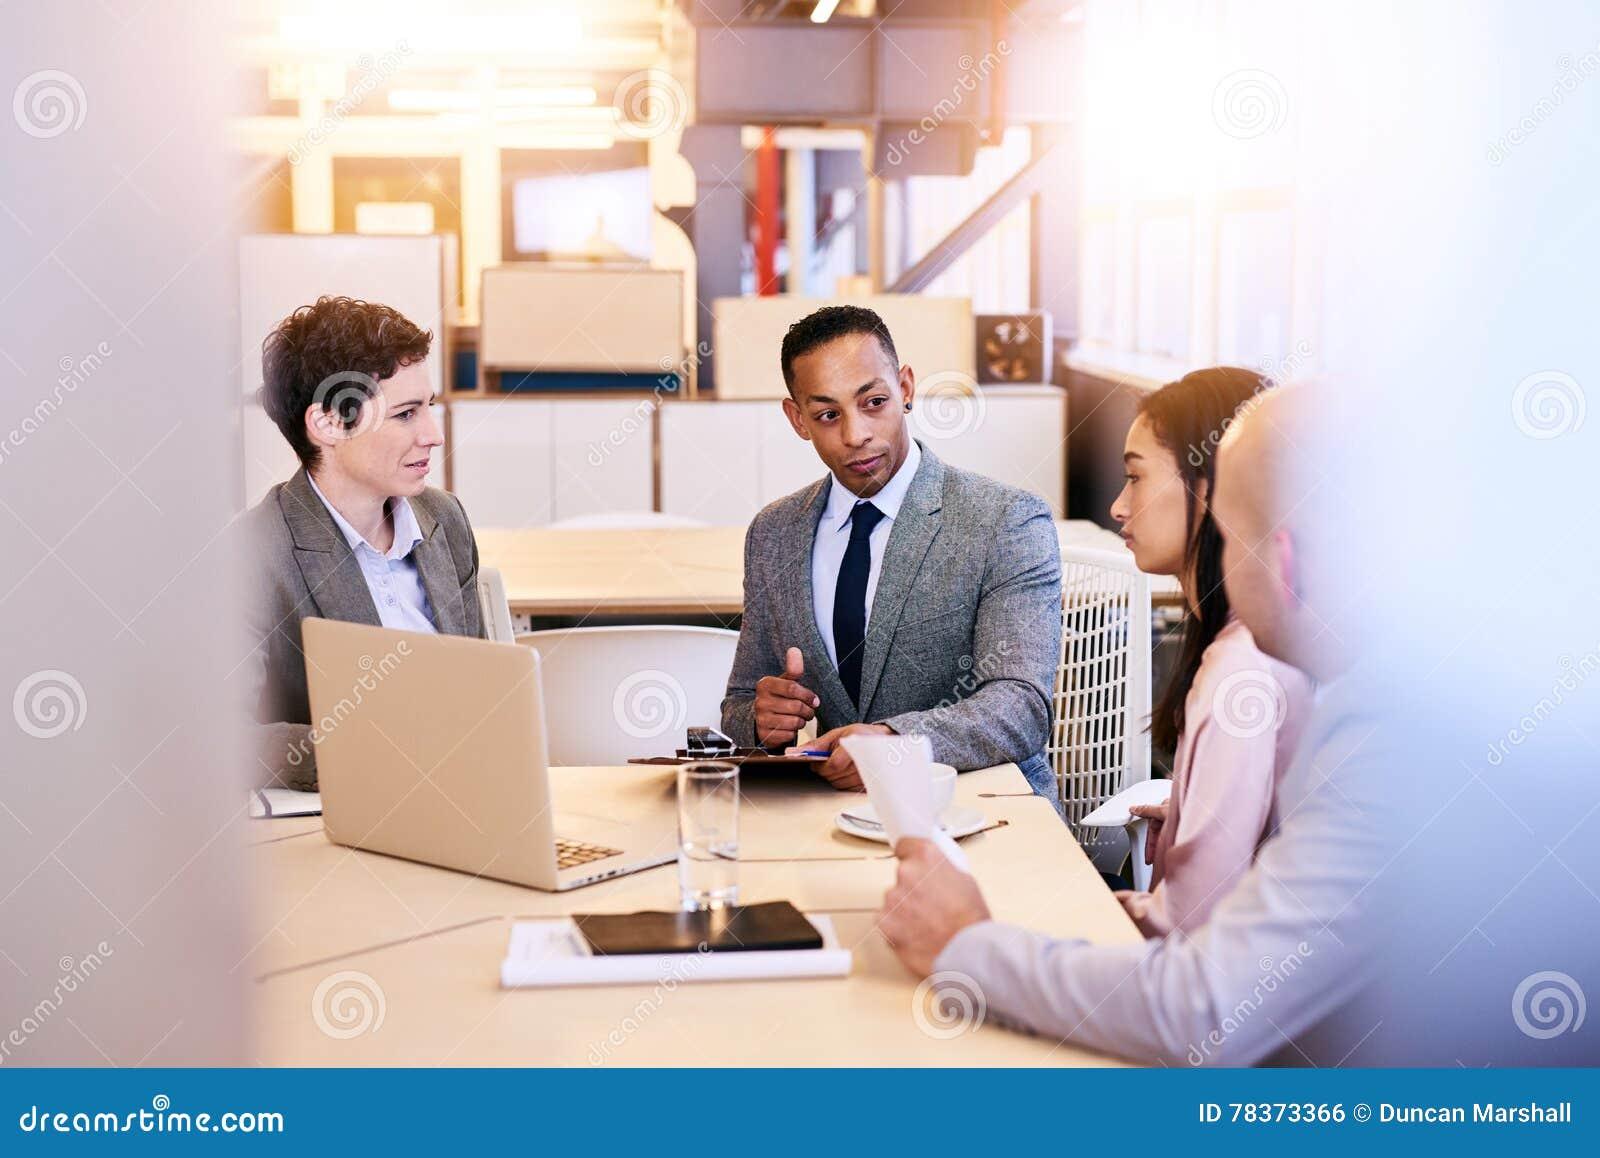 举办会议的折衷小组四位企业专家